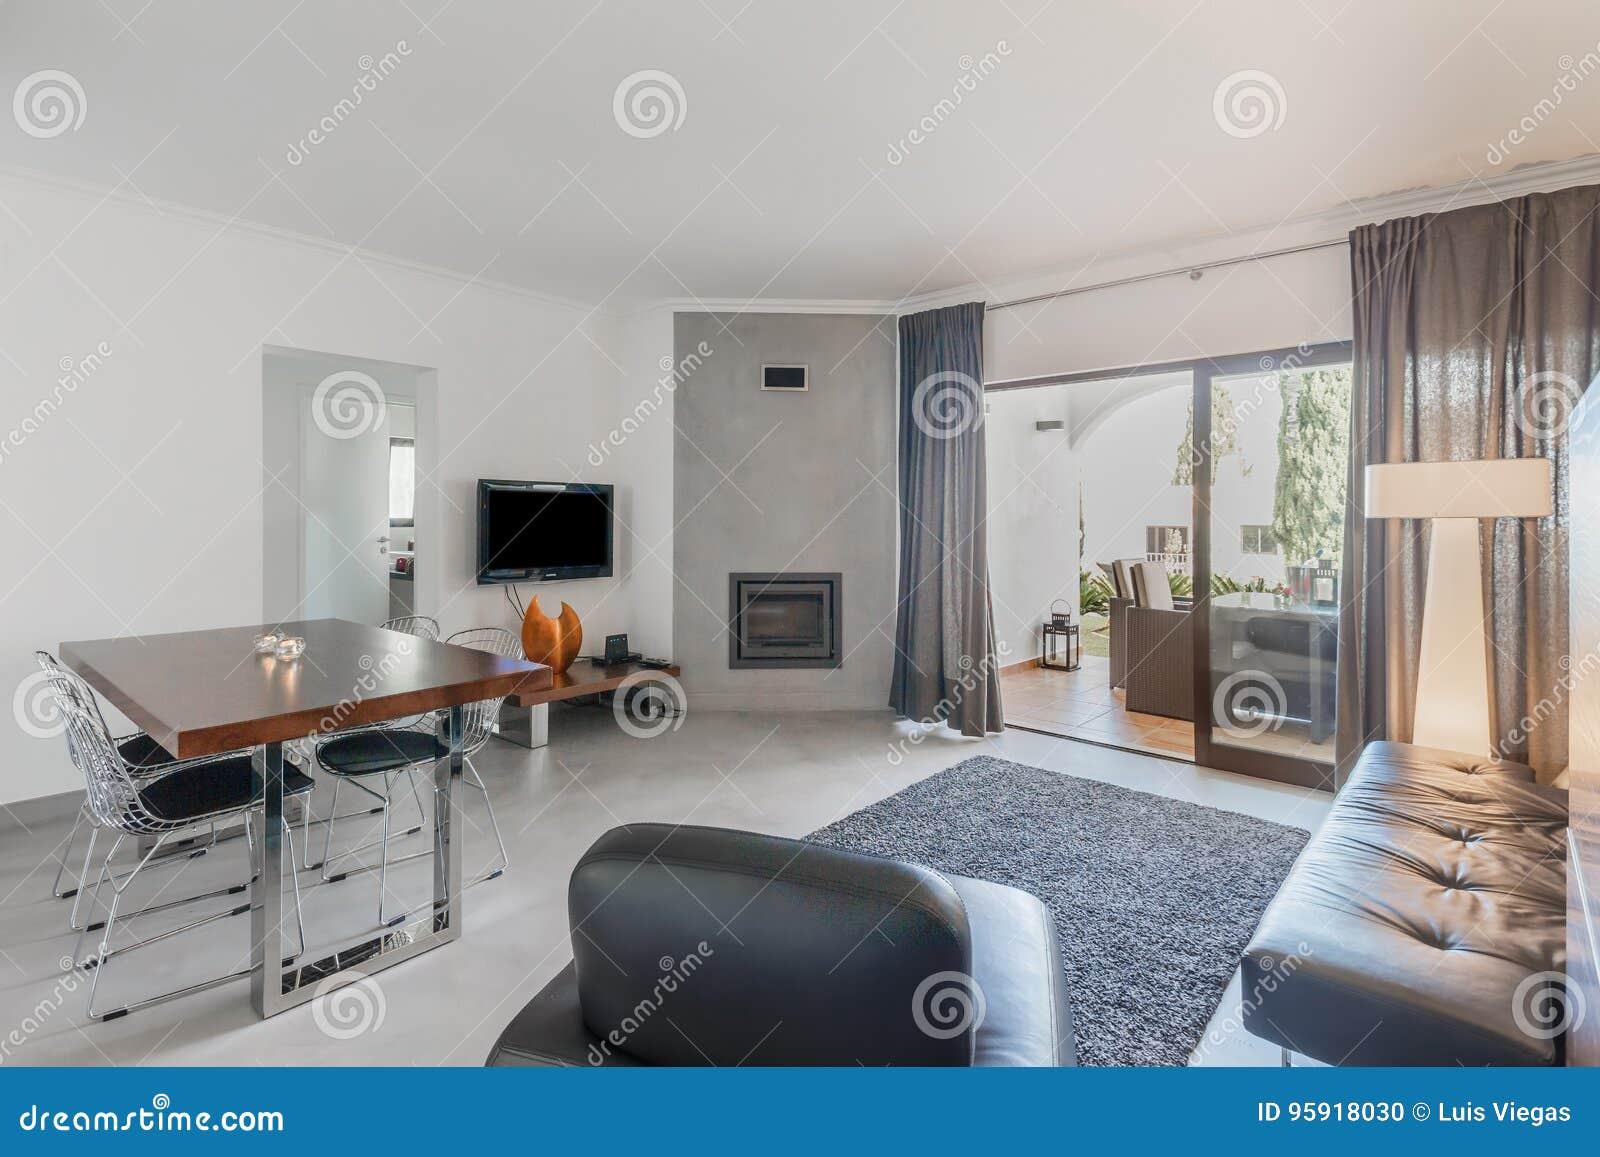 Fußboden Wohnung English ~ Moderne wohnung mit weißen wänden und hellgrauem boden stockfoto